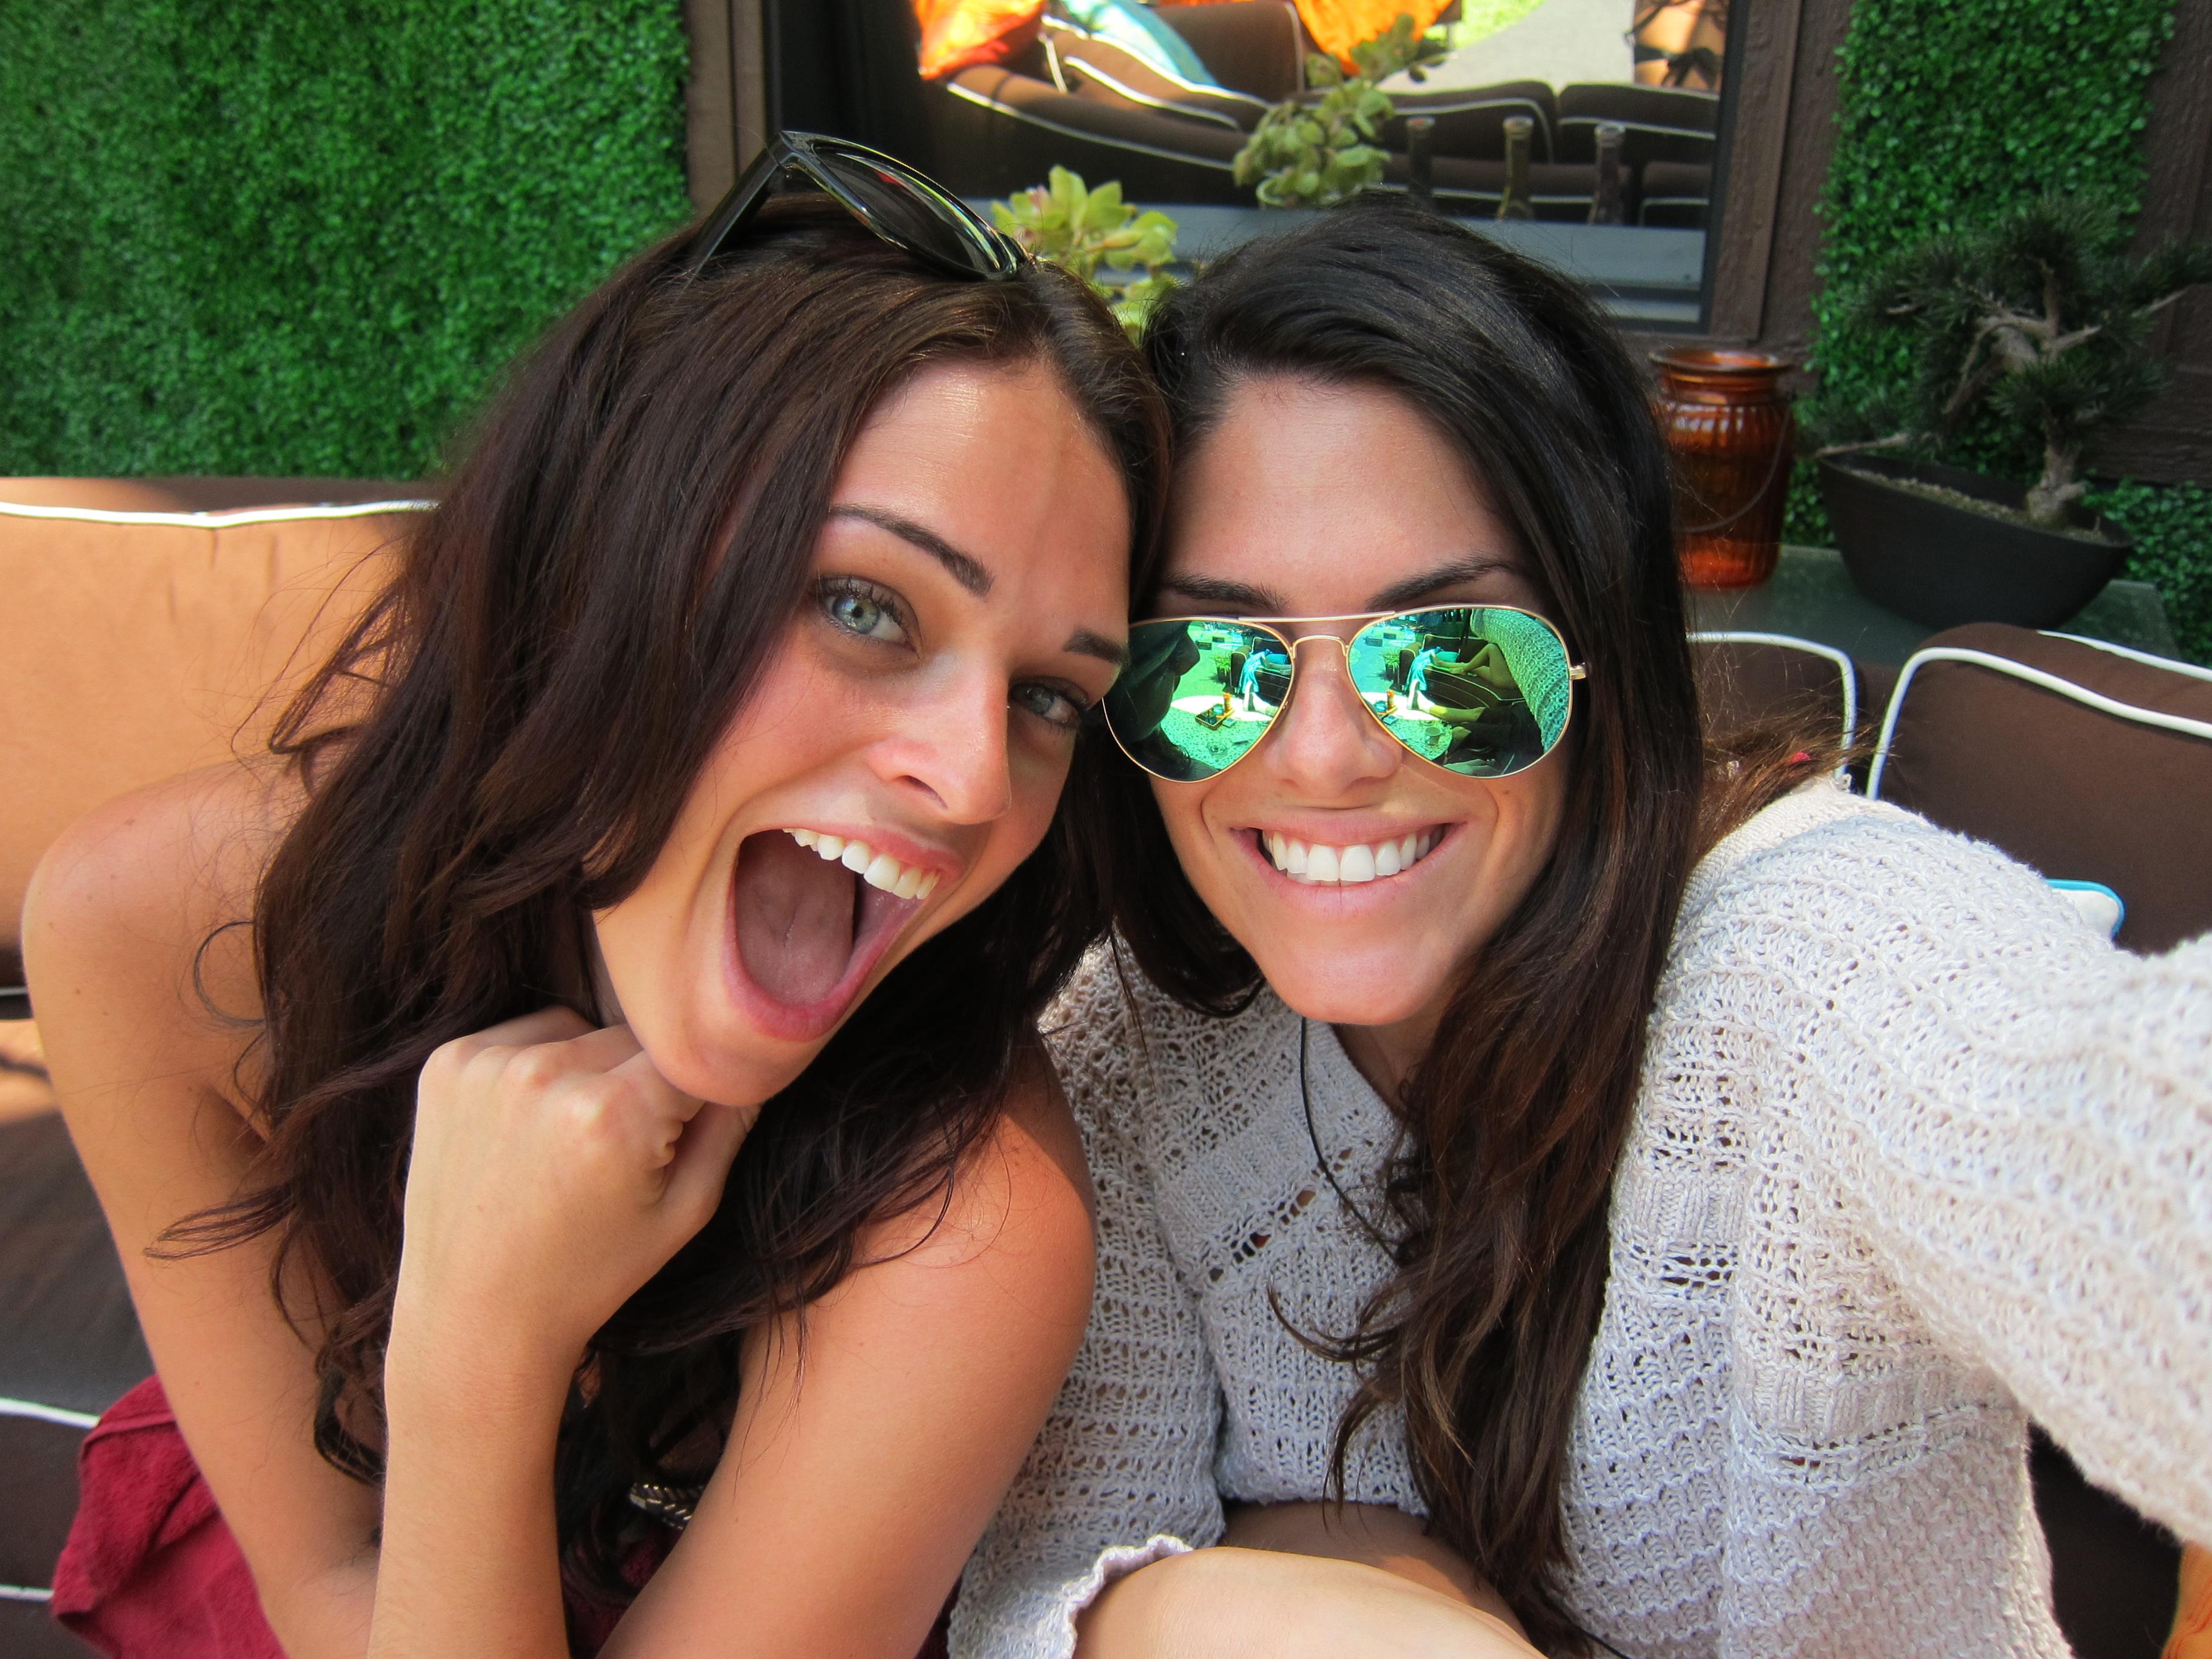 Kaitlin and Amanda